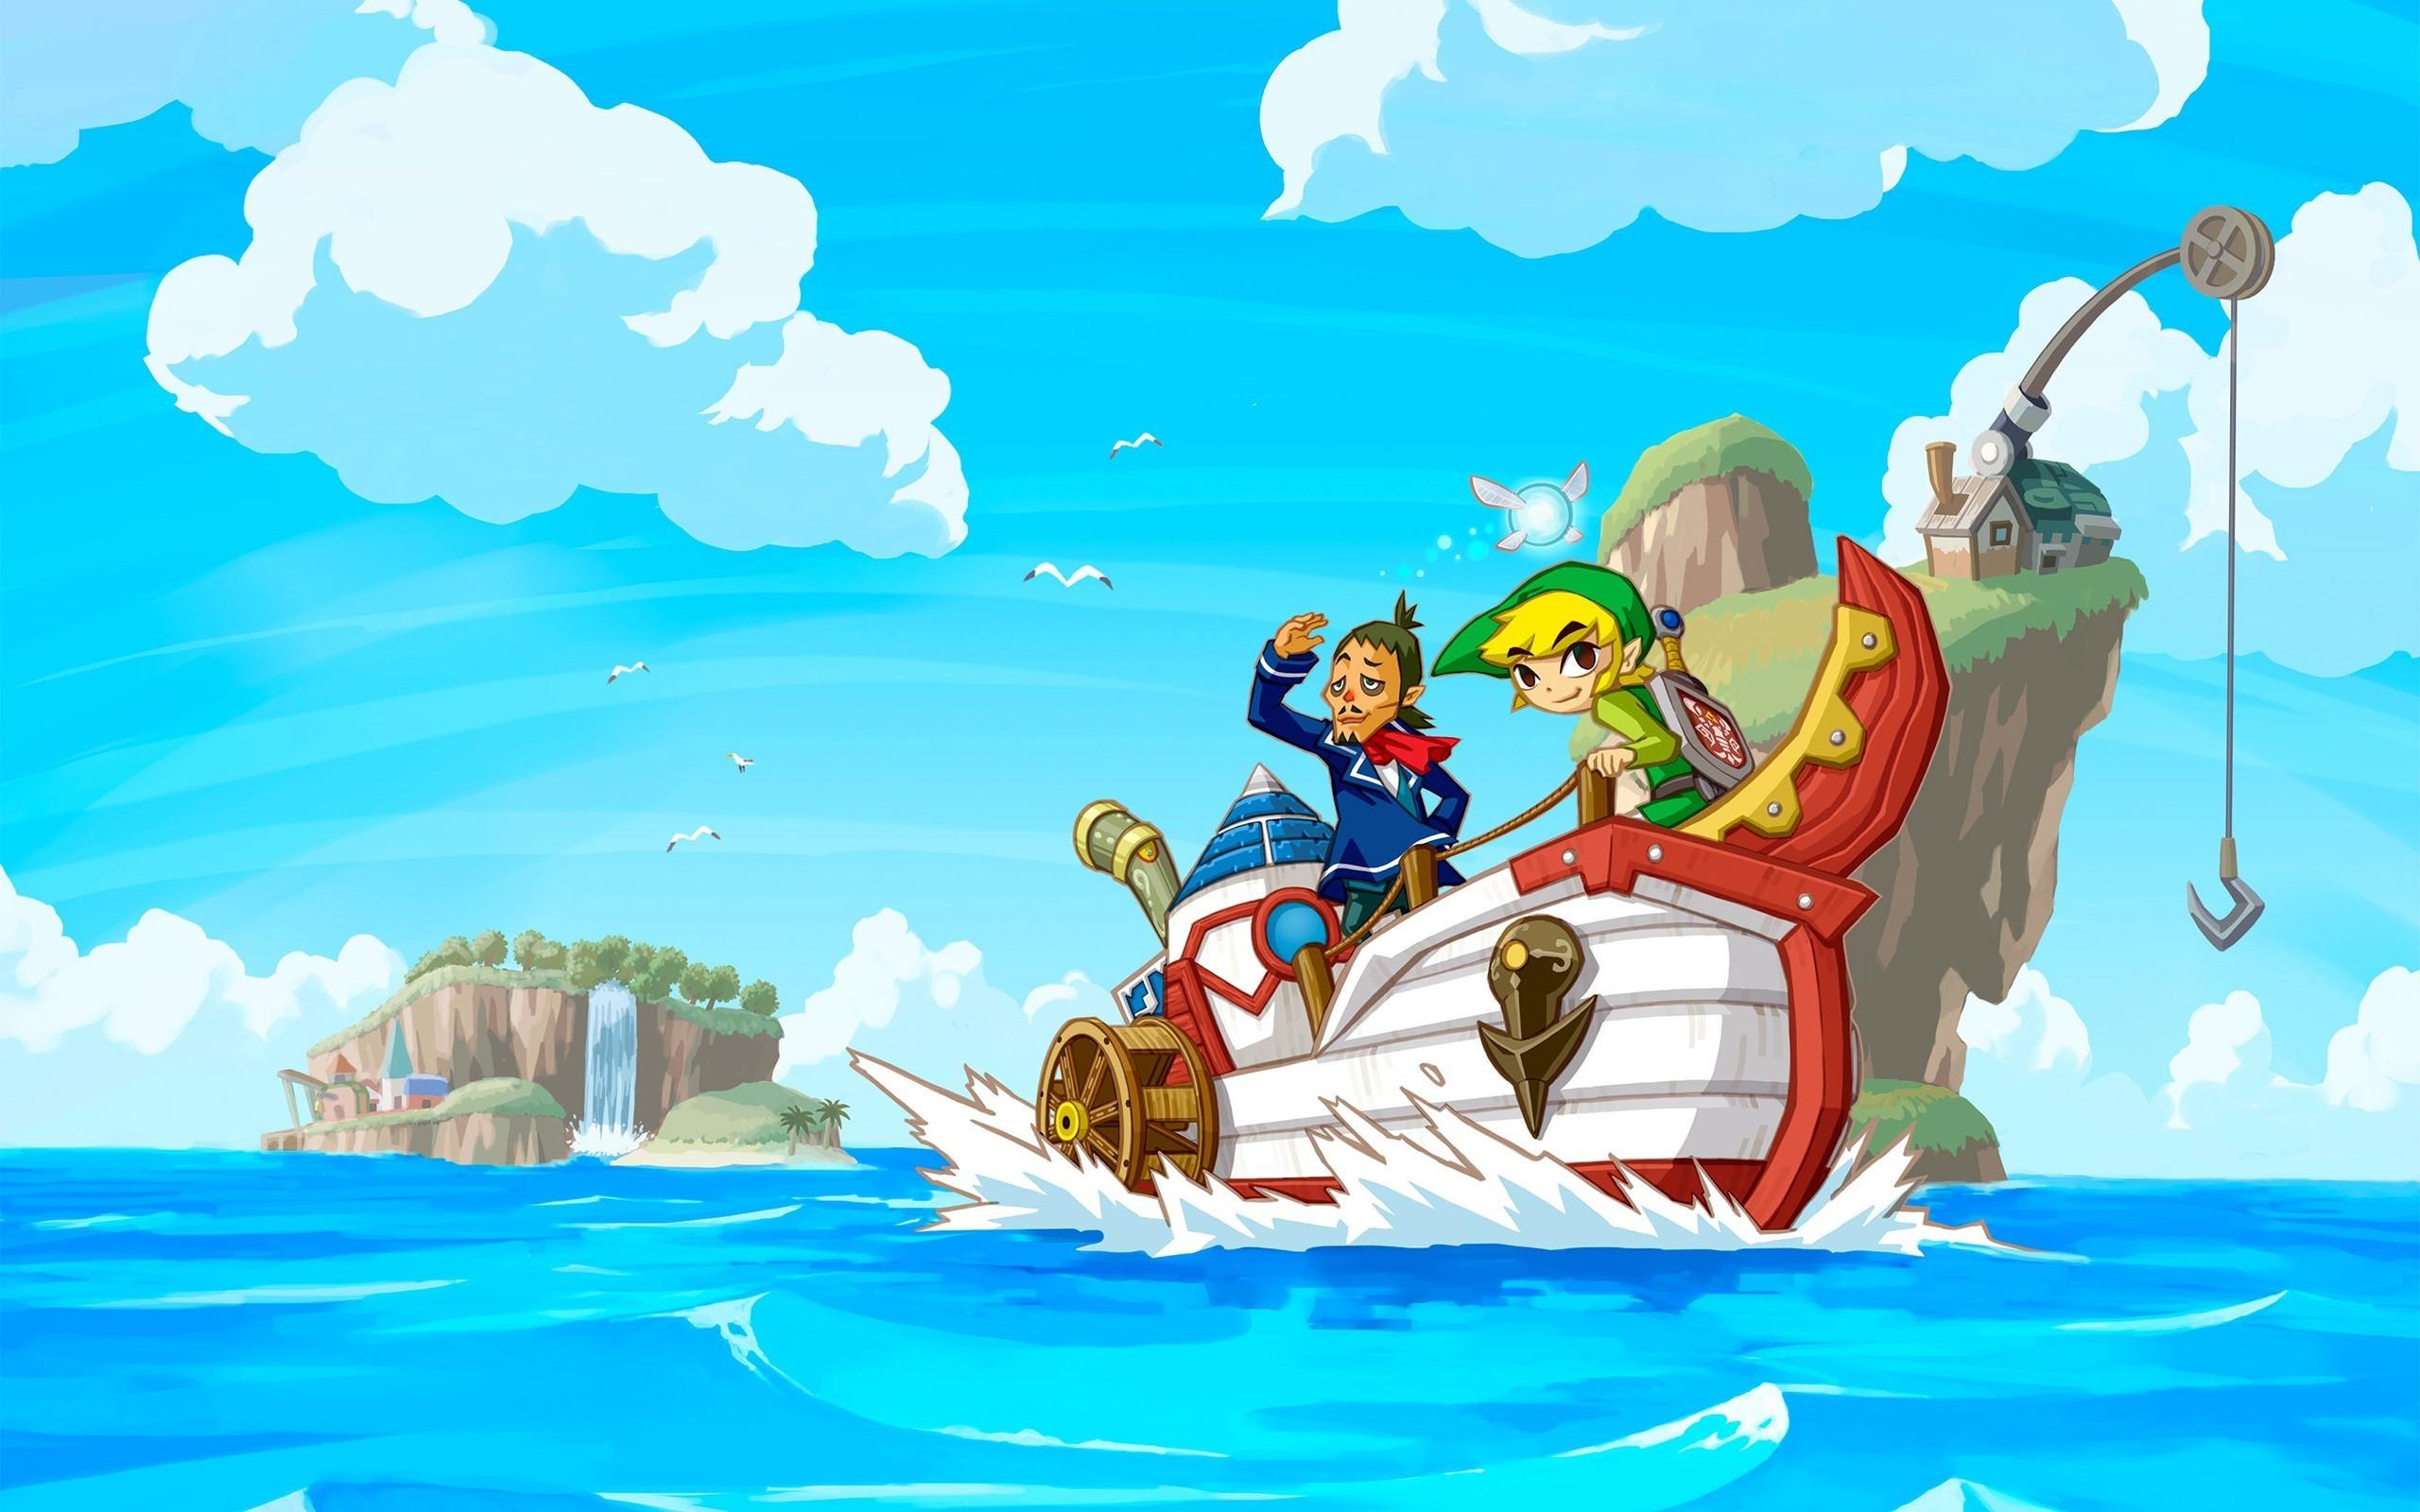 The Legend Of Zelda, Link, Video Games, Nintendo DS, The Legend Of Zelda:  Phantom Hourglass Wallpapers HD / Desktop and Mobile Backgrounds